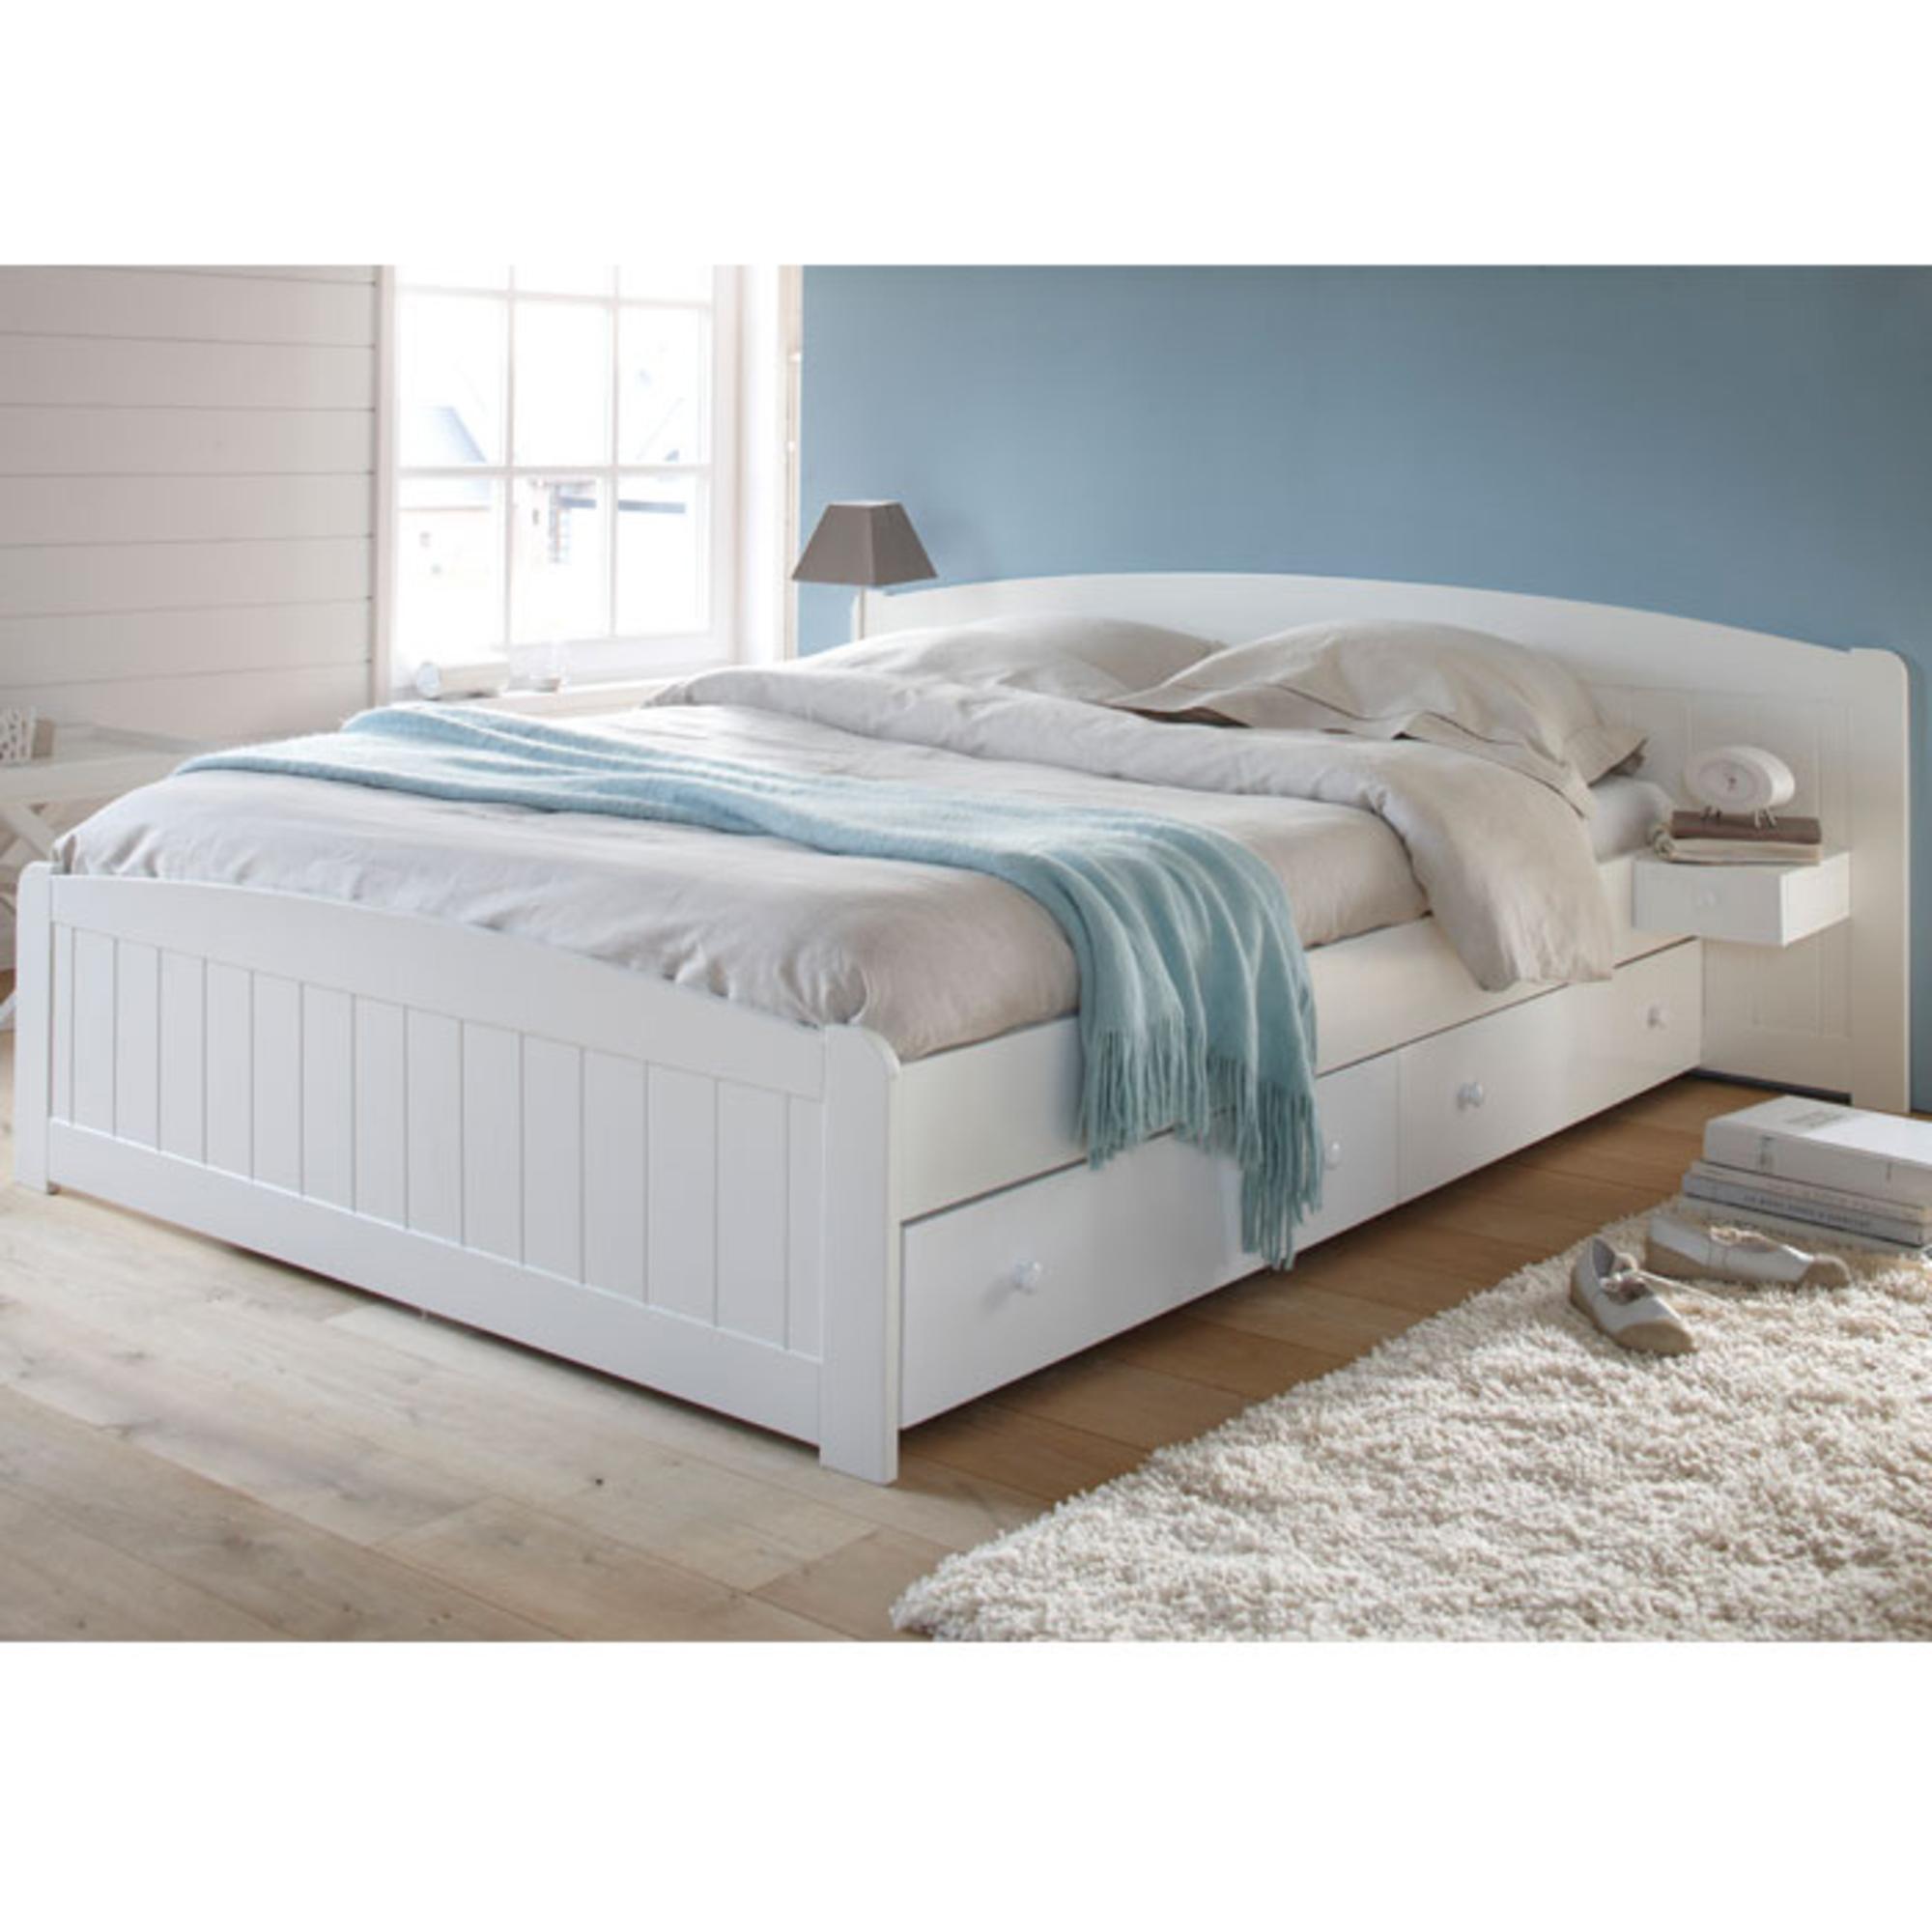 lit 160 x 200 cm sommier 2 chevets int gr s oxford blanc anniversaire 40 ans acheter. Black Bedroom Furniture Sets. Home Design Ideas